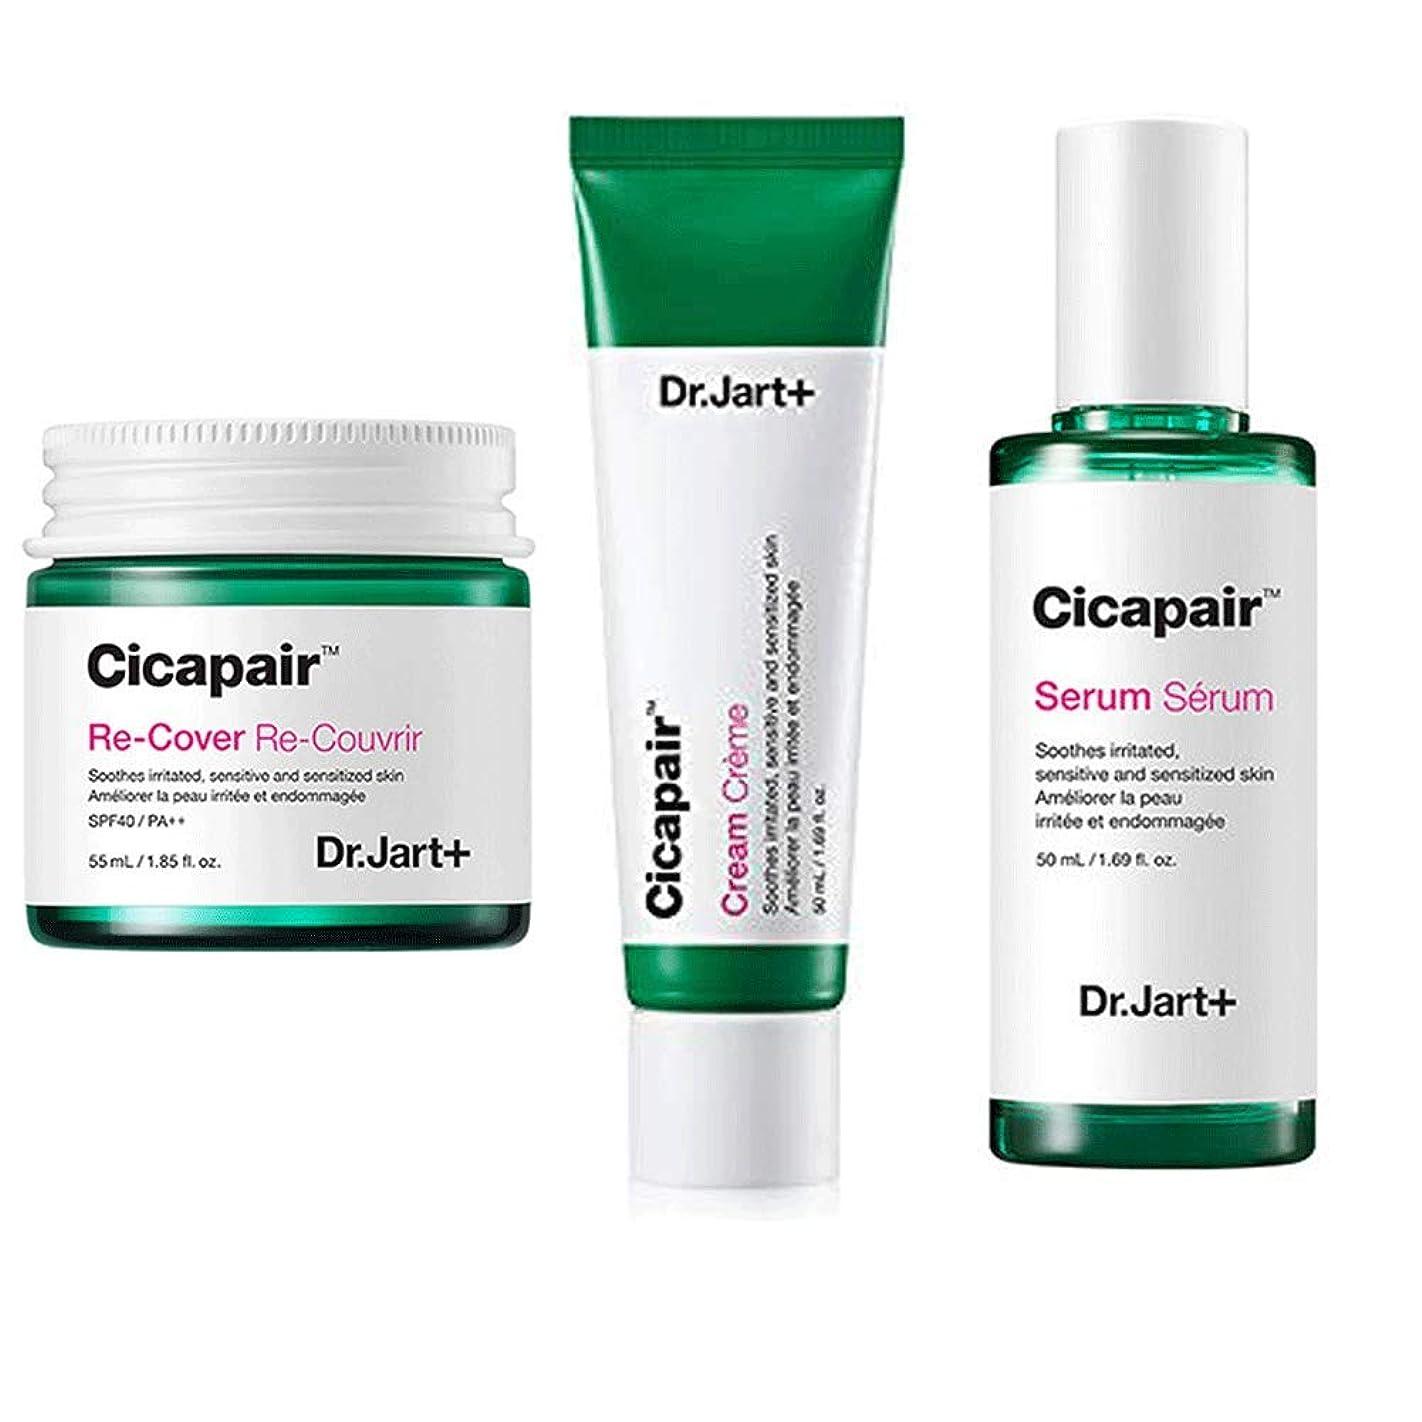 おしゃれな楽観的真夜中Dr.Jart+ Cicapair Cream + ReCover + Serum ドクタージャルトシカペアクリーム50ml + リカバー 55ml + セラム 50ml(2代目) セット [並行輸入品]